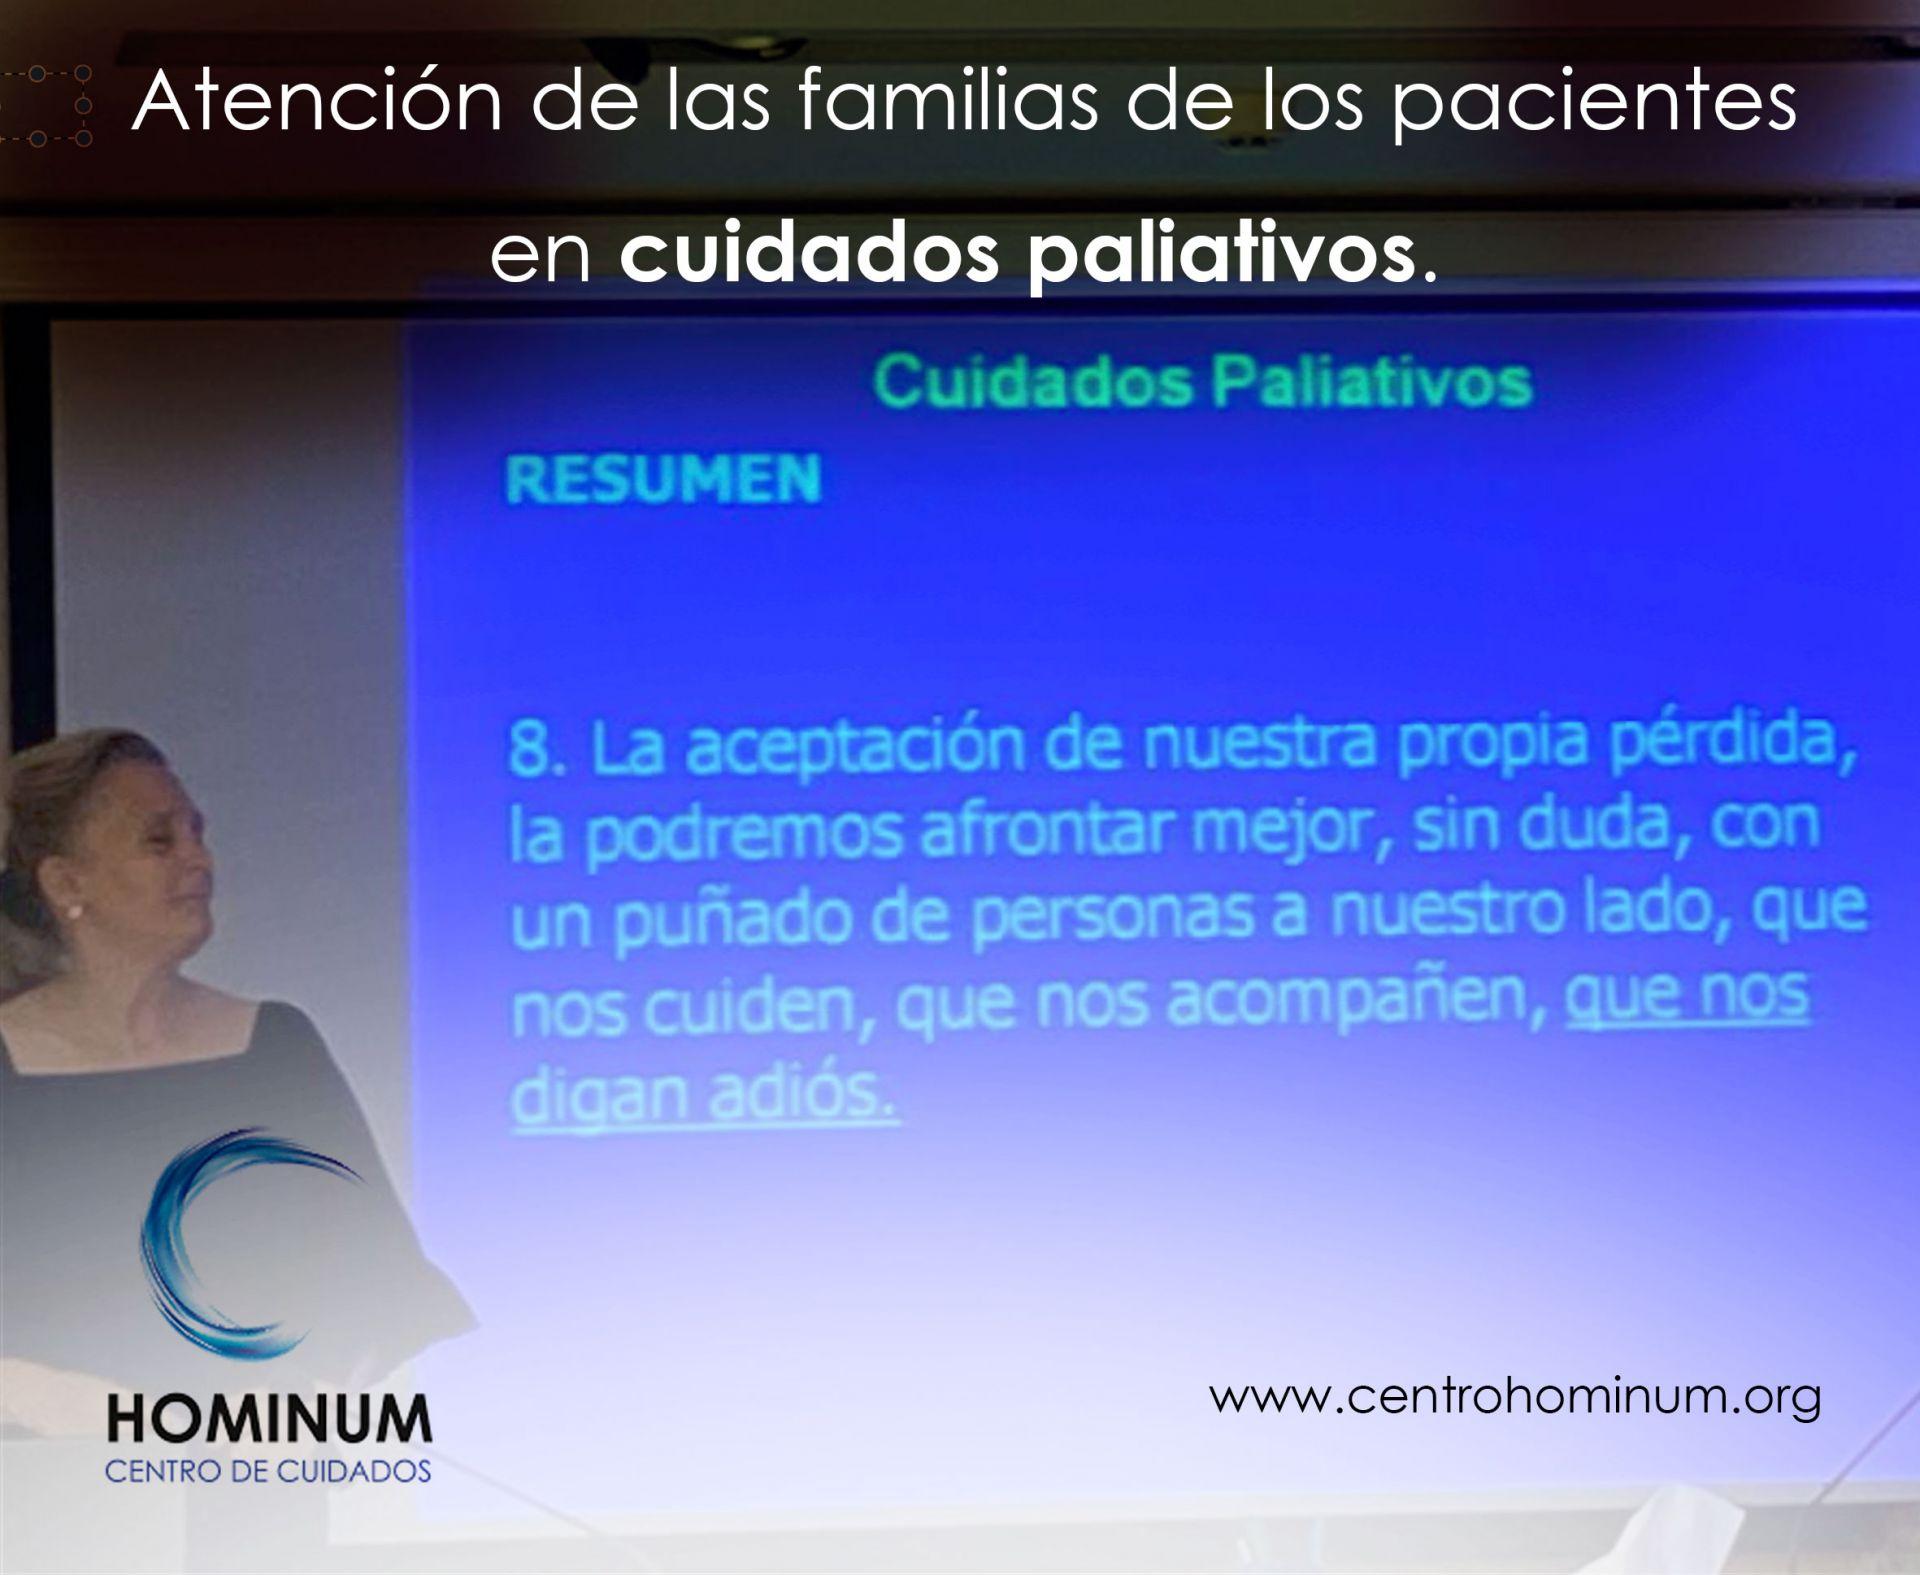 Atención de las familias de los pacientes en cuidados paliativos.